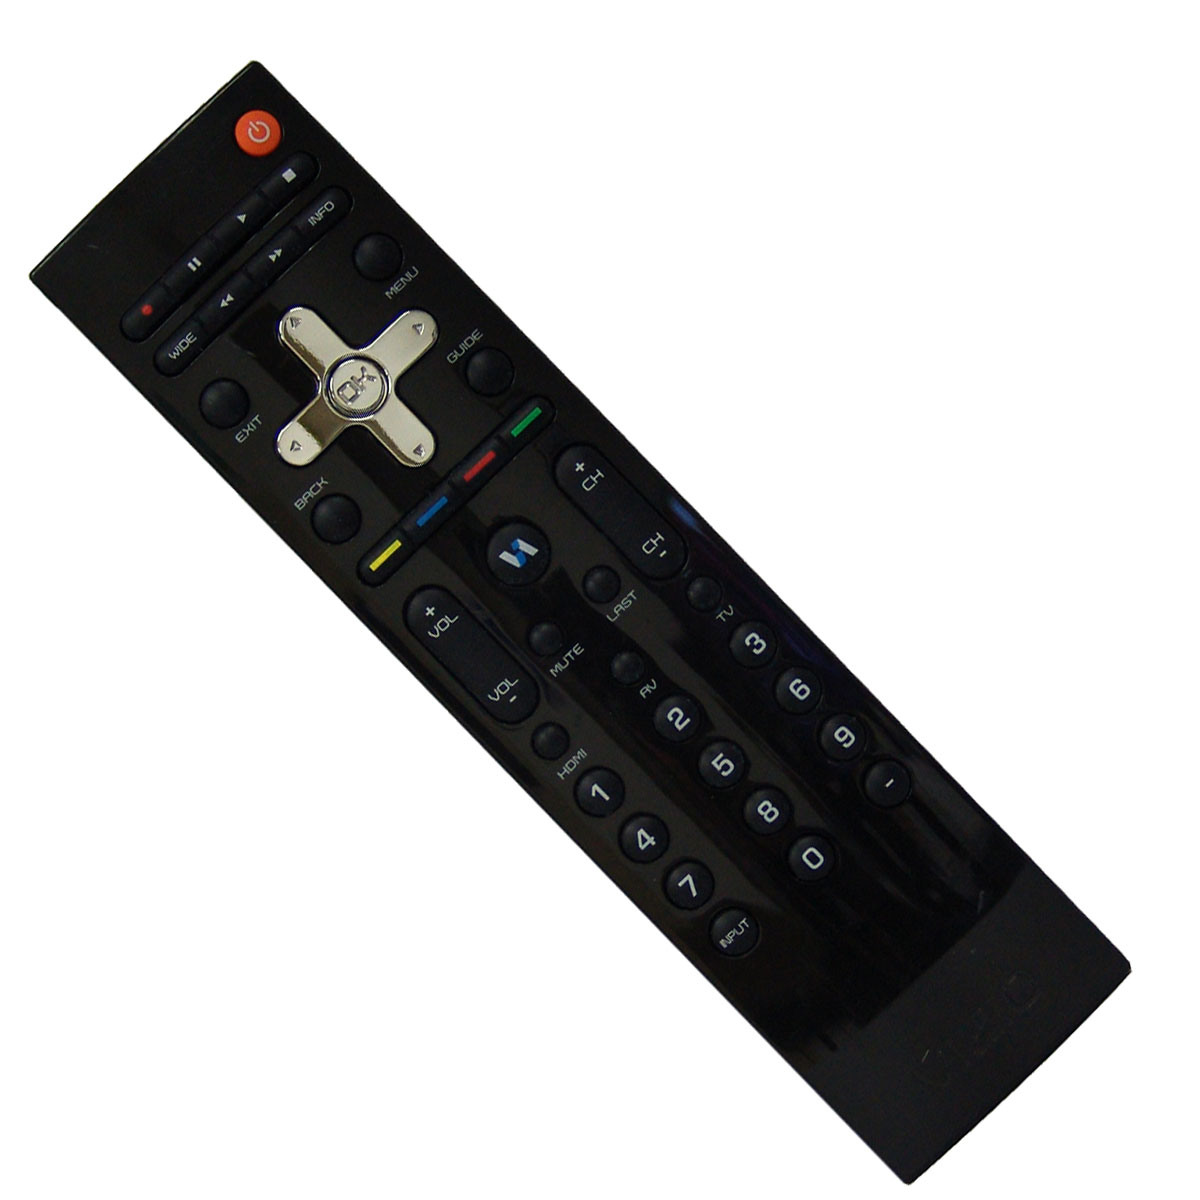 Original Vizio Remote Control For M320nv Tv Television